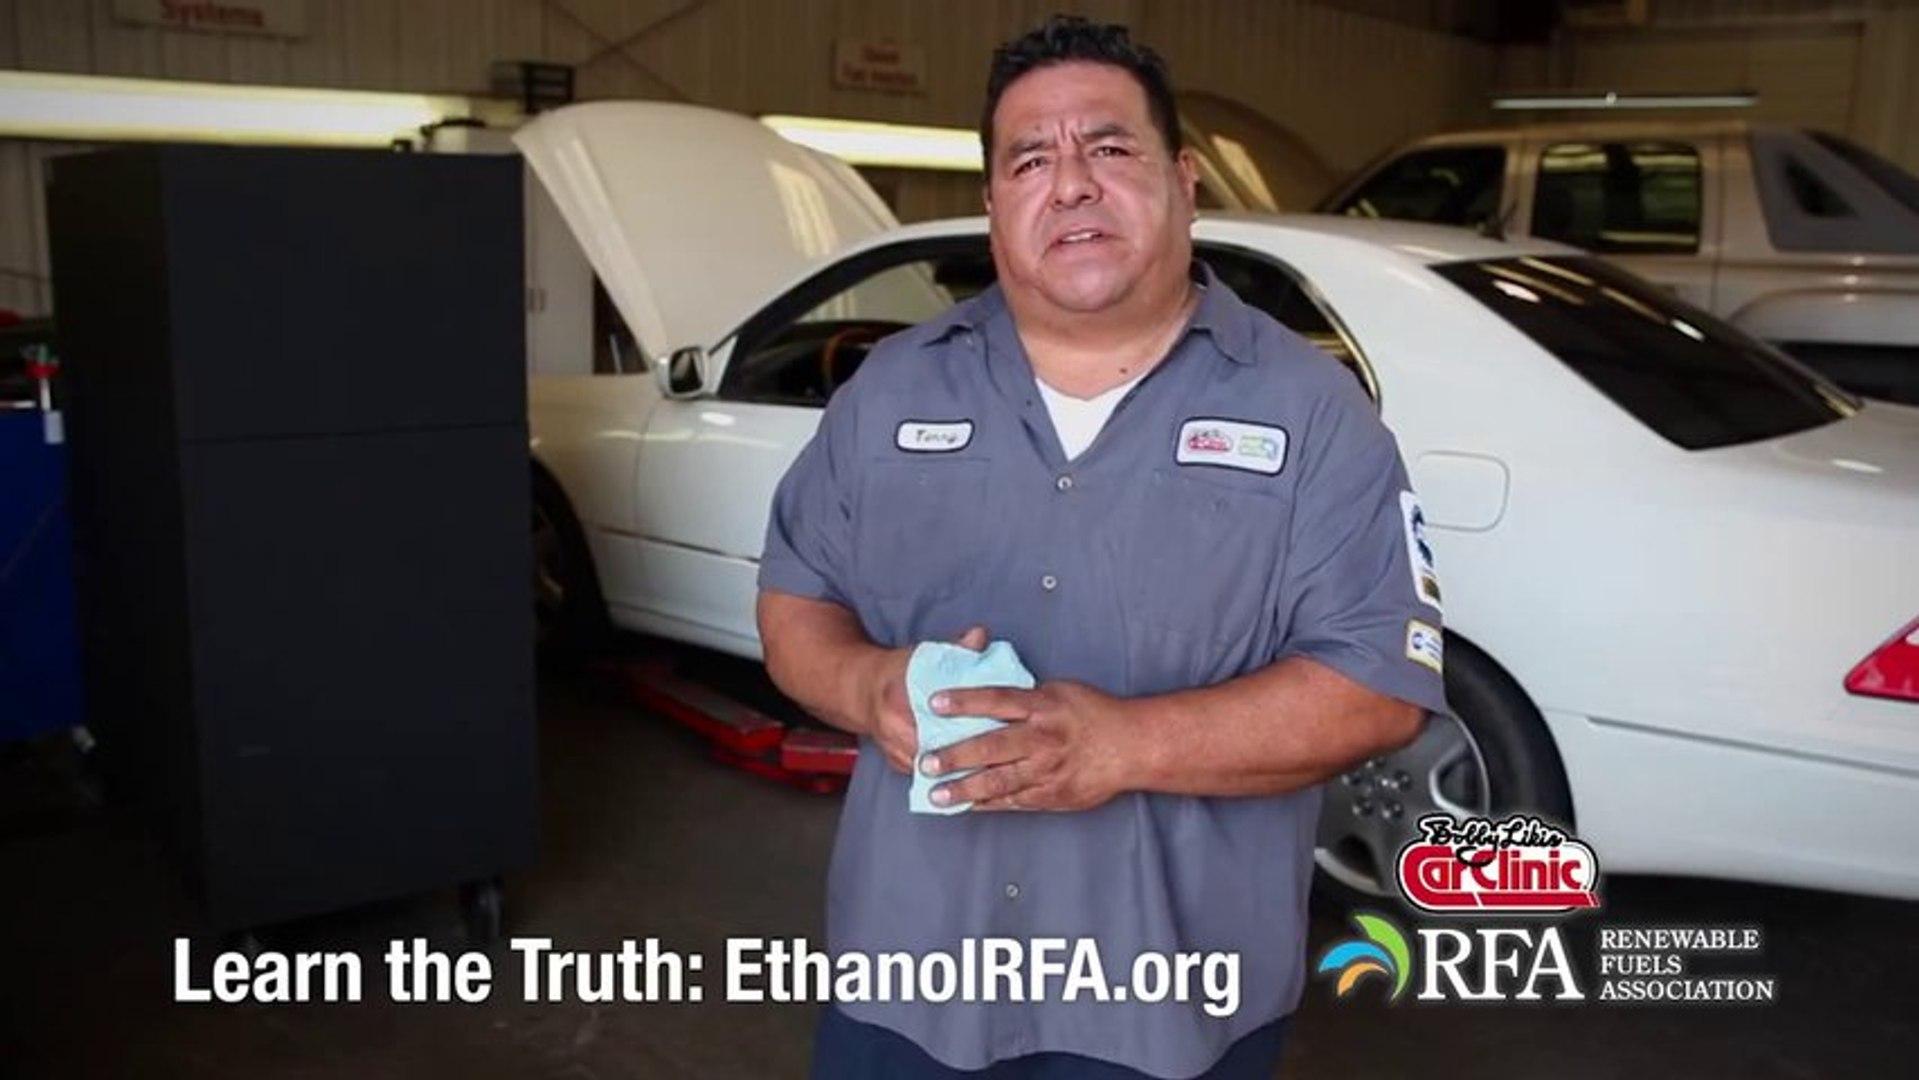 Bobby Likis Car Clinic Respect the Earth Go Ethanol